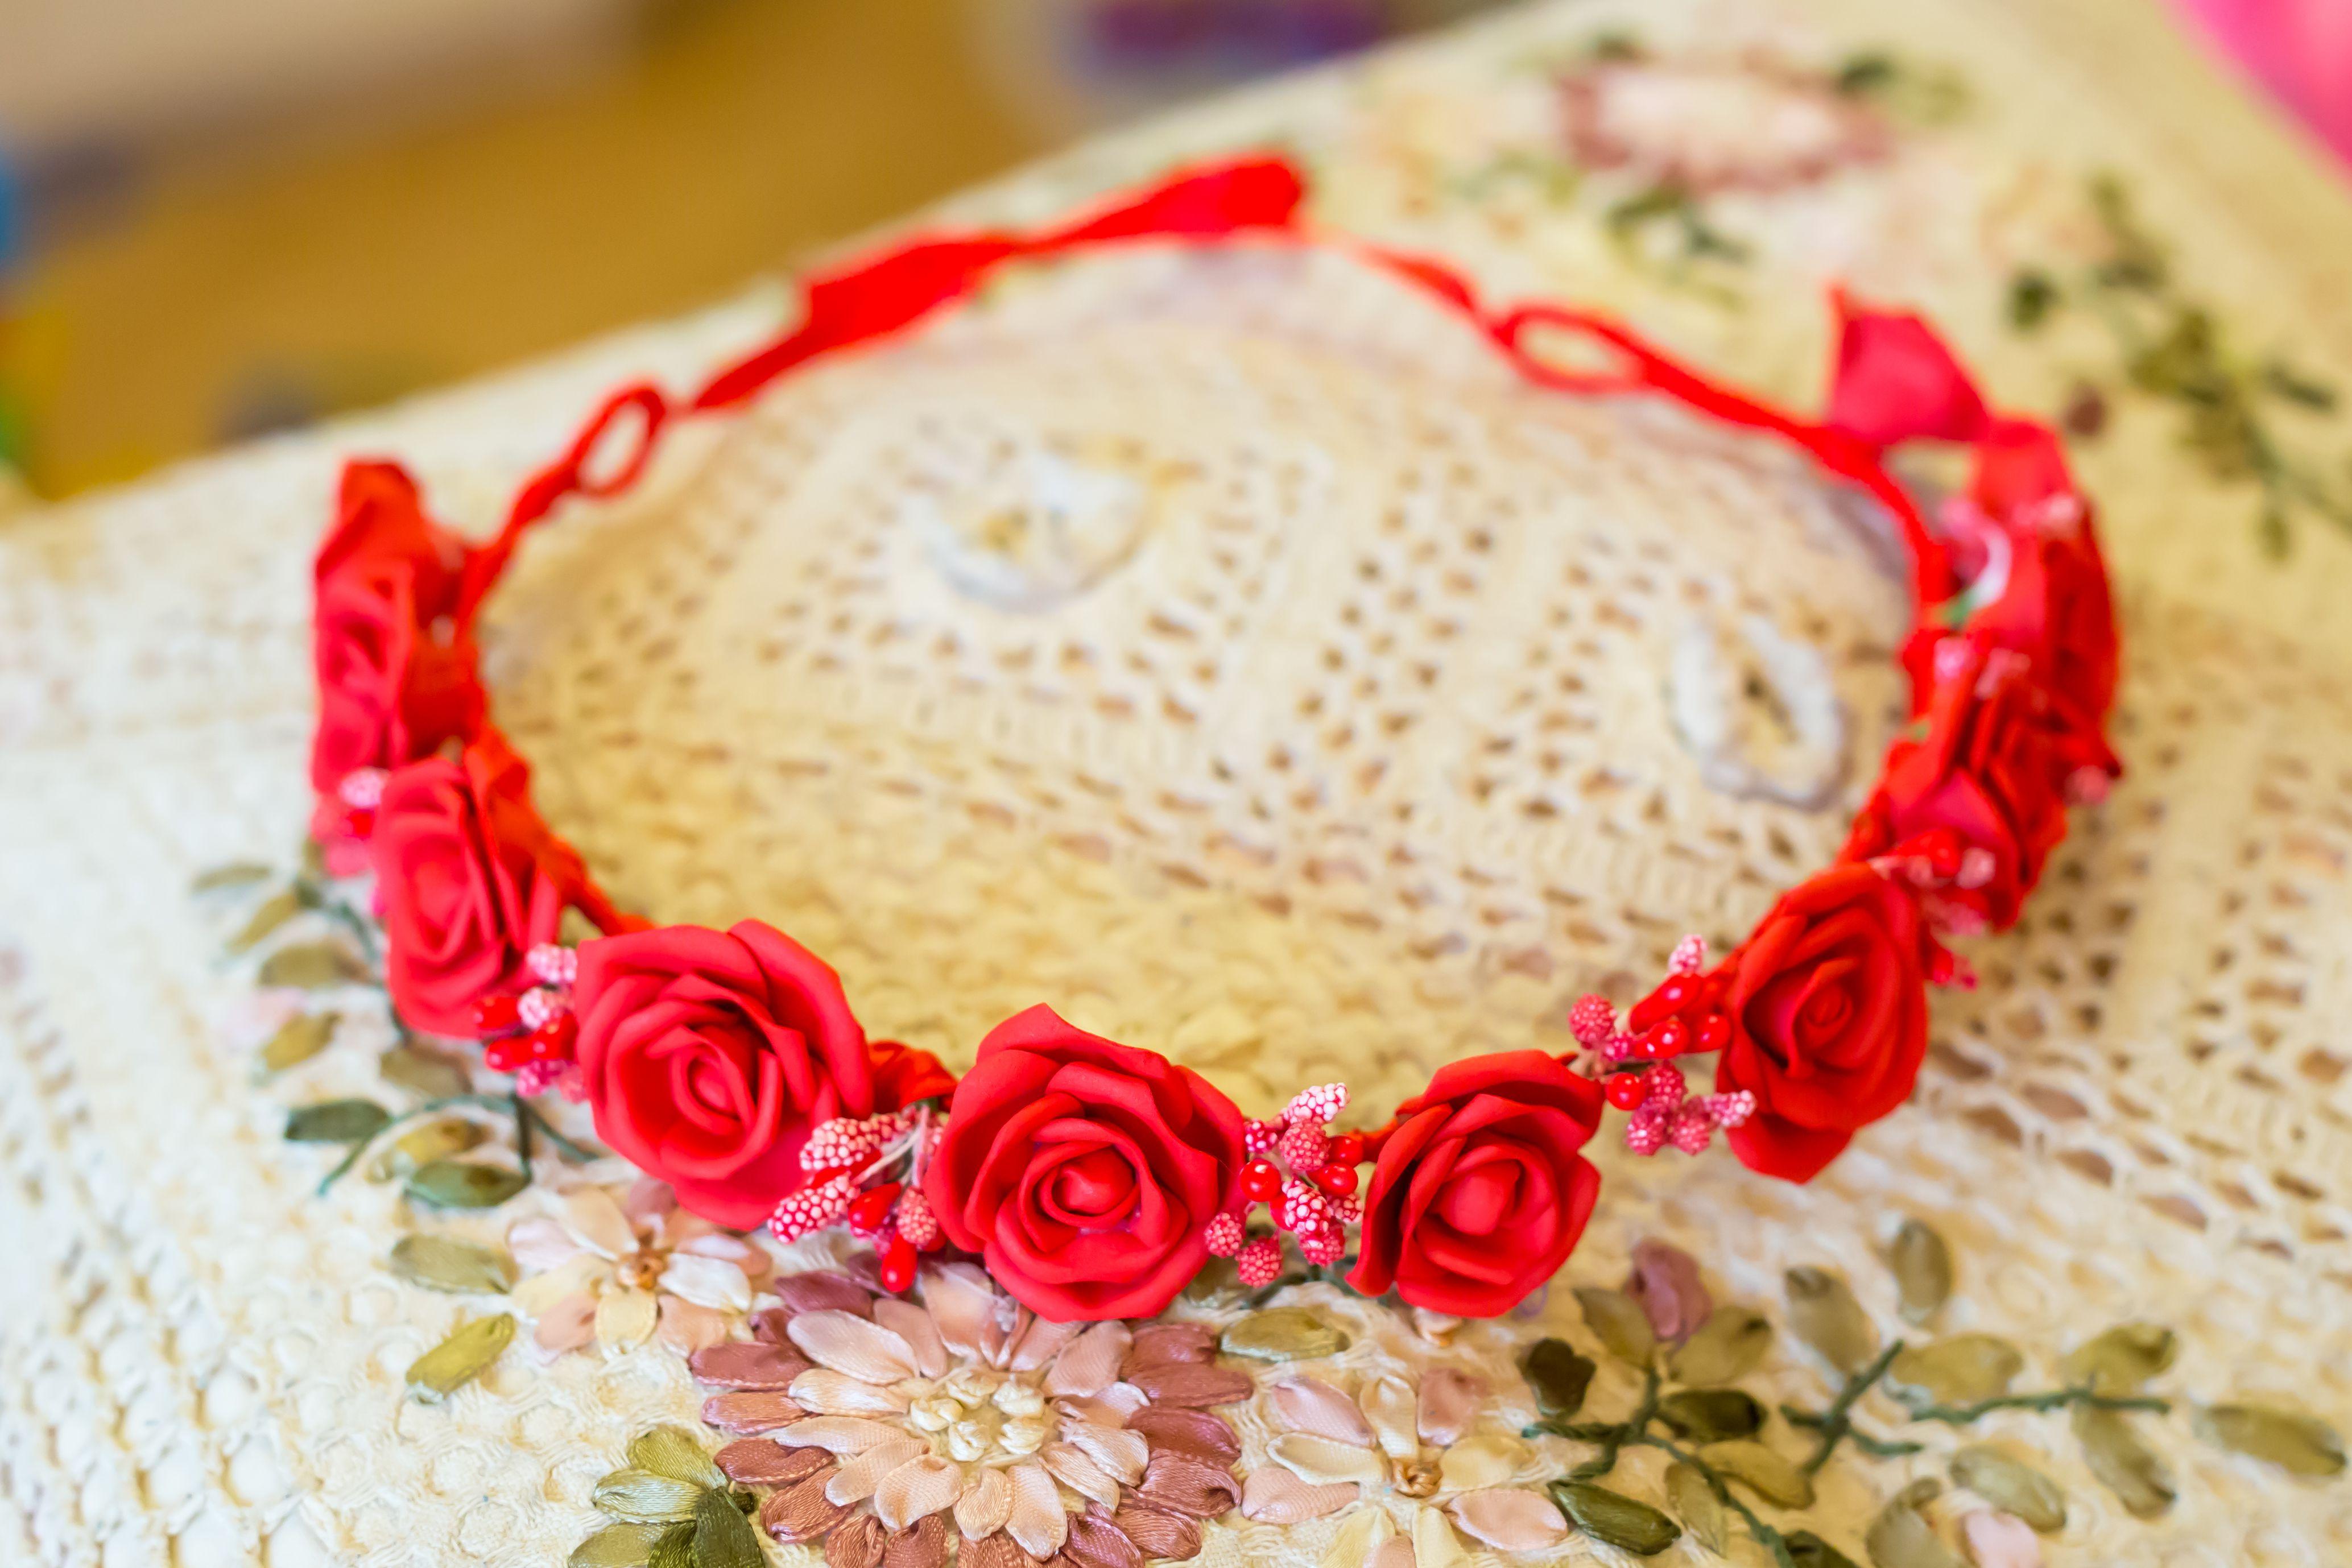 тычинки красивый нежный фоамиран свадебный венок цветы красный атлас